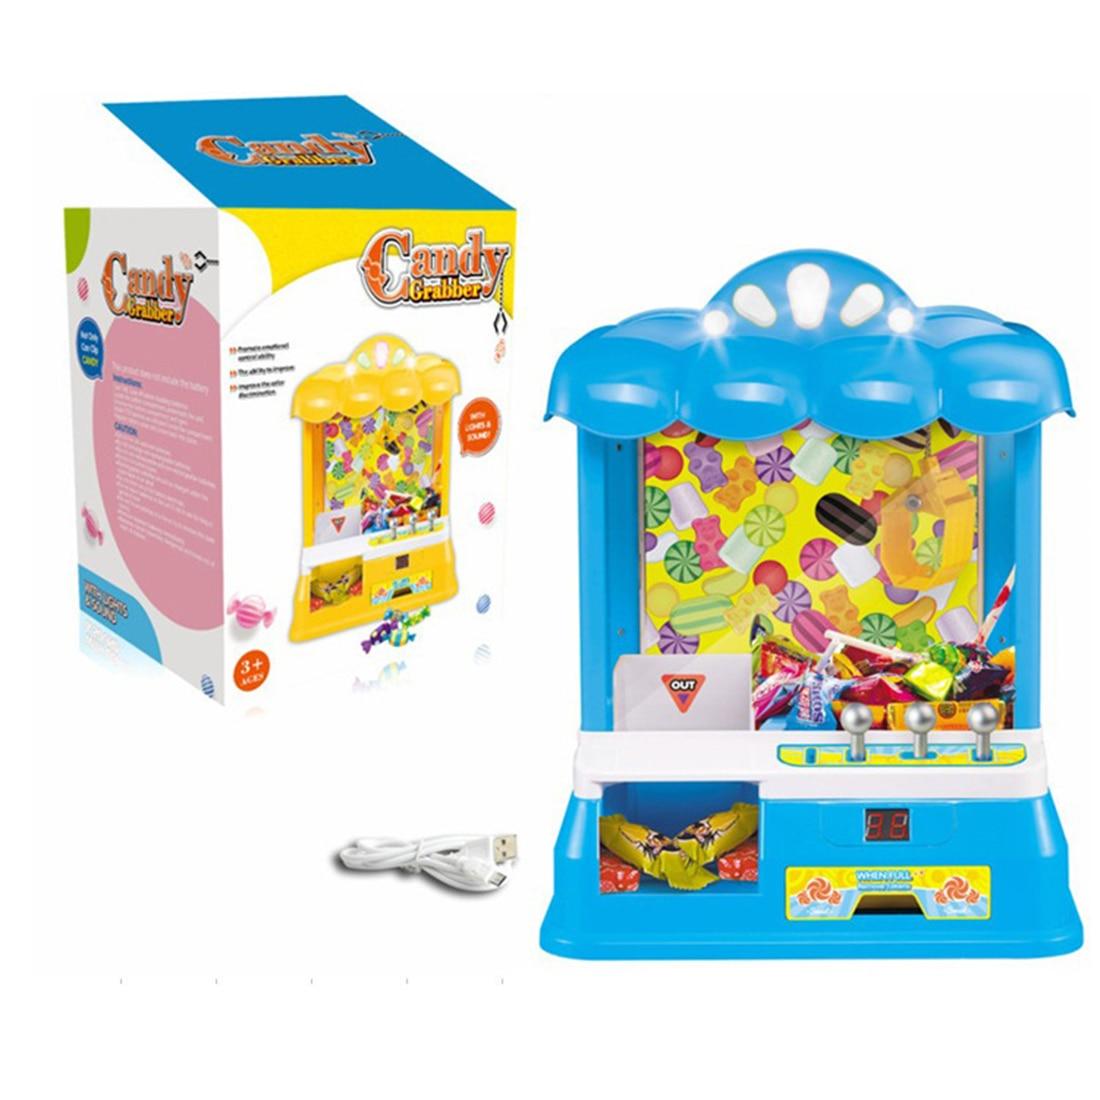 Enfants Mini bonbons Grabber bureau reharging jouet griffe Machine Arcade prix jeu amusant attraper Grabber nouveauté et Gag jouets - 2